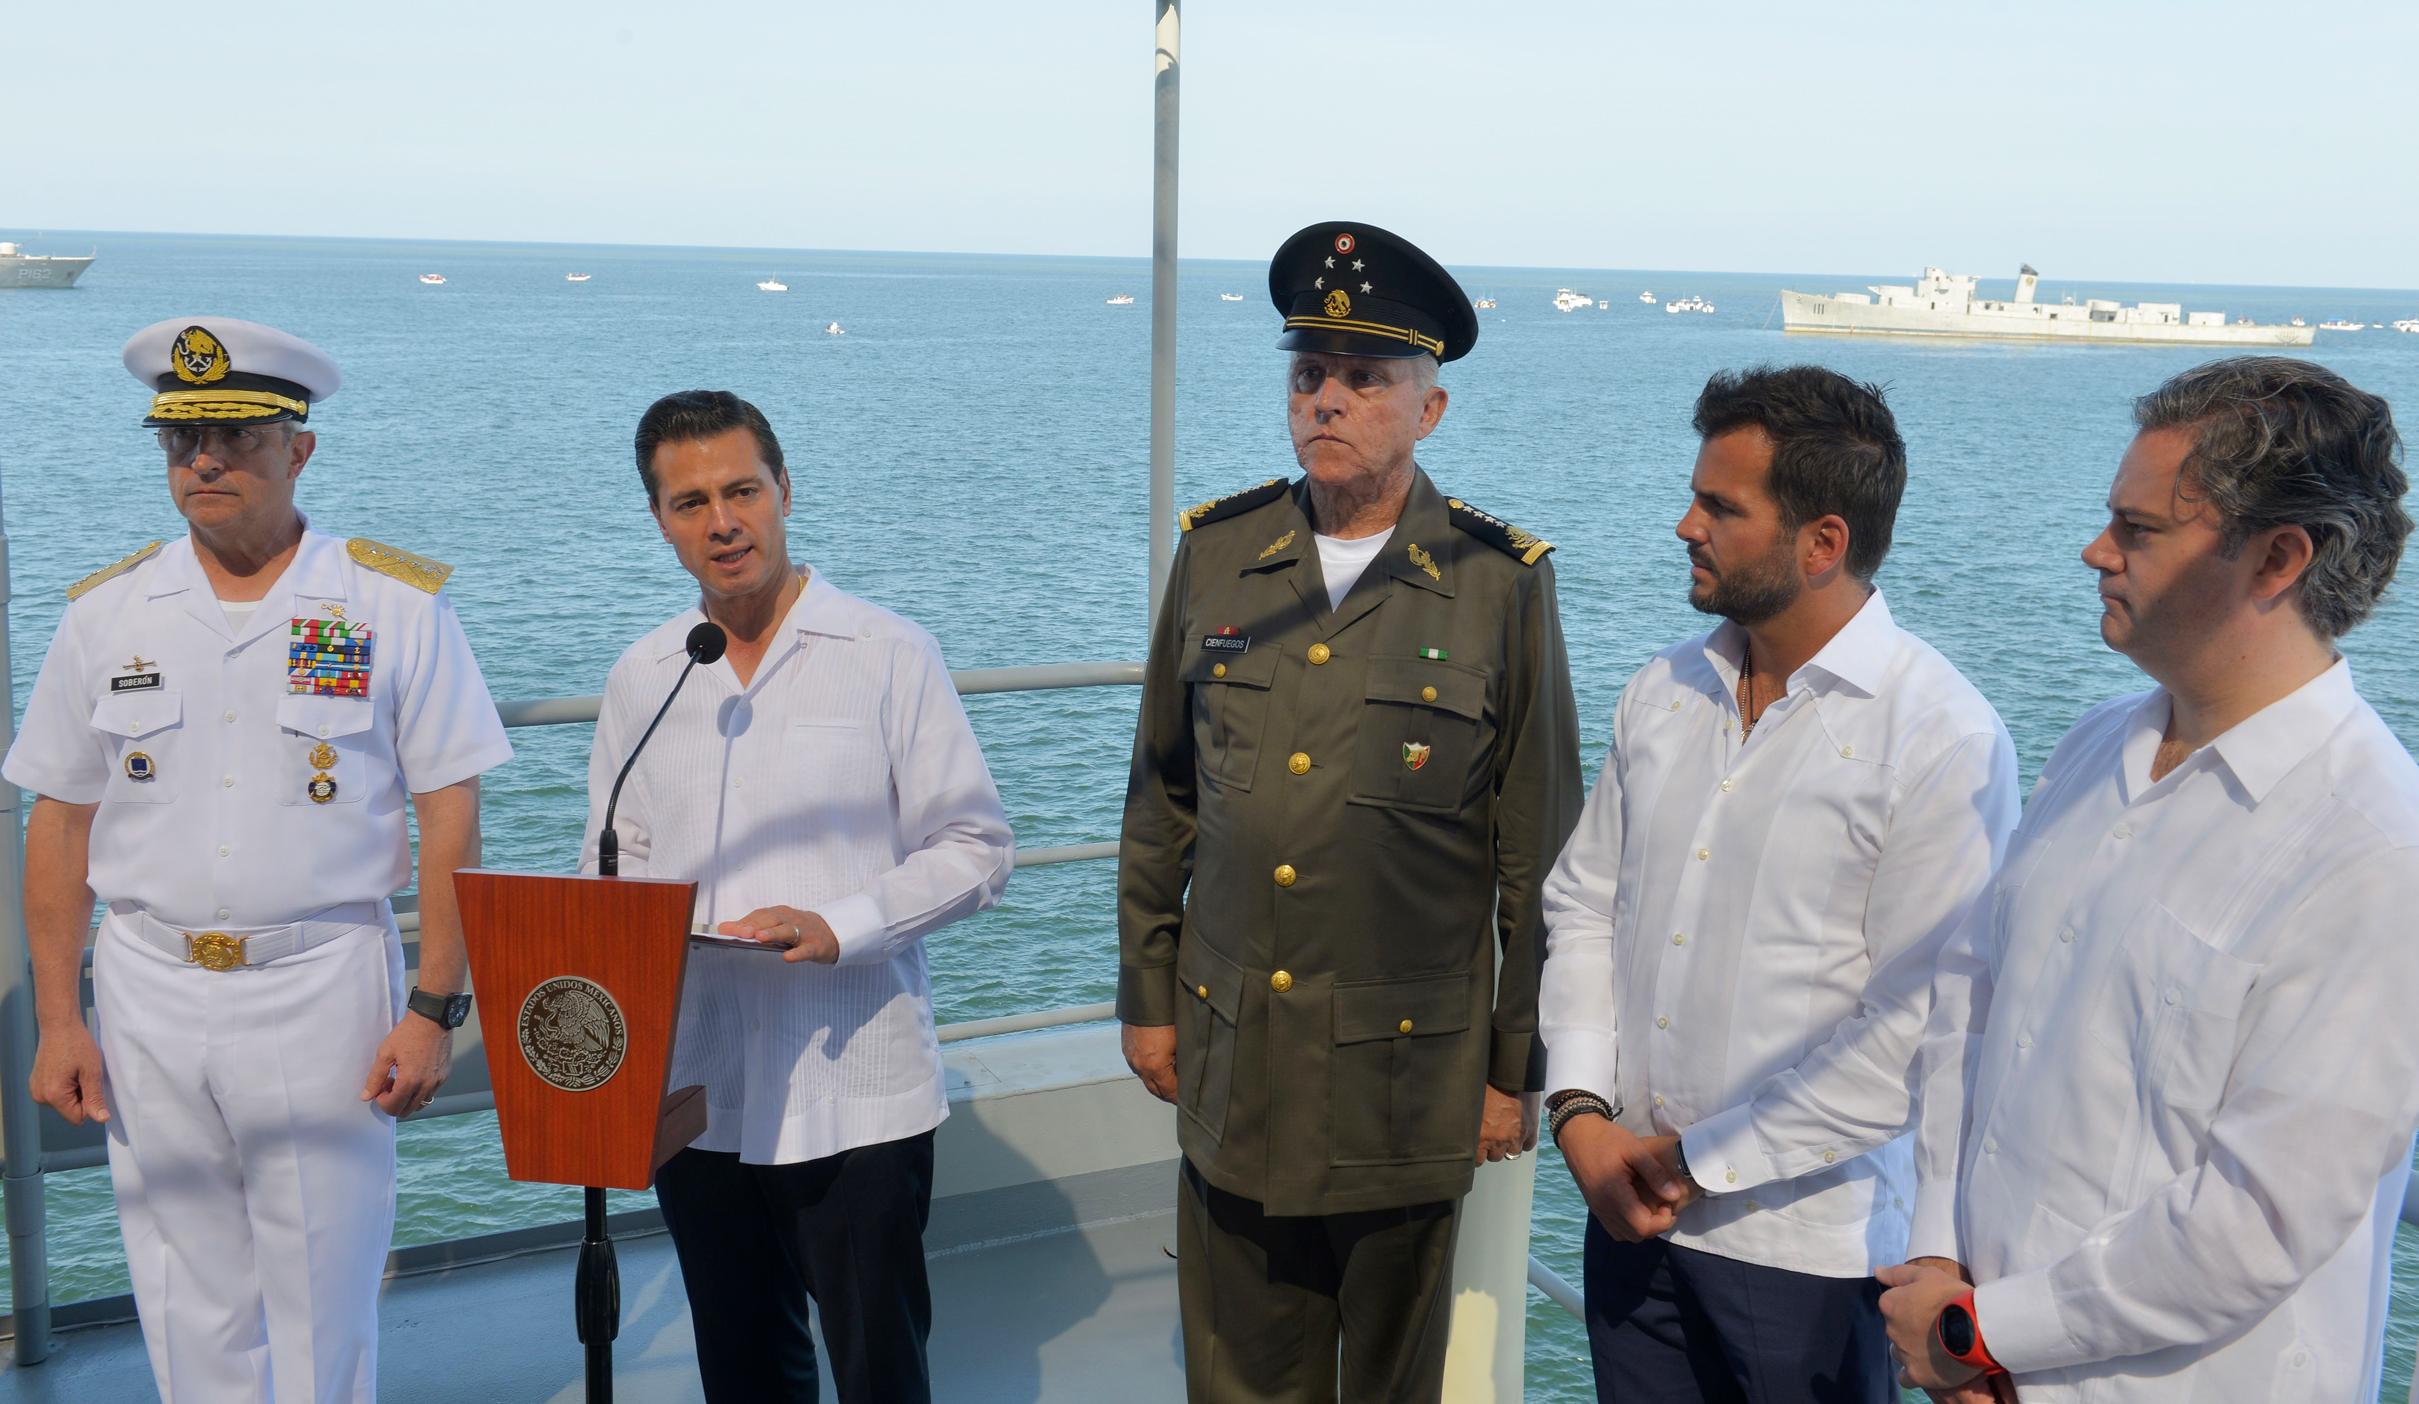 La Policía Militar y la Policía Naval seguirán prestando en Veracruz labores de seguridad y de apoyo a la población.